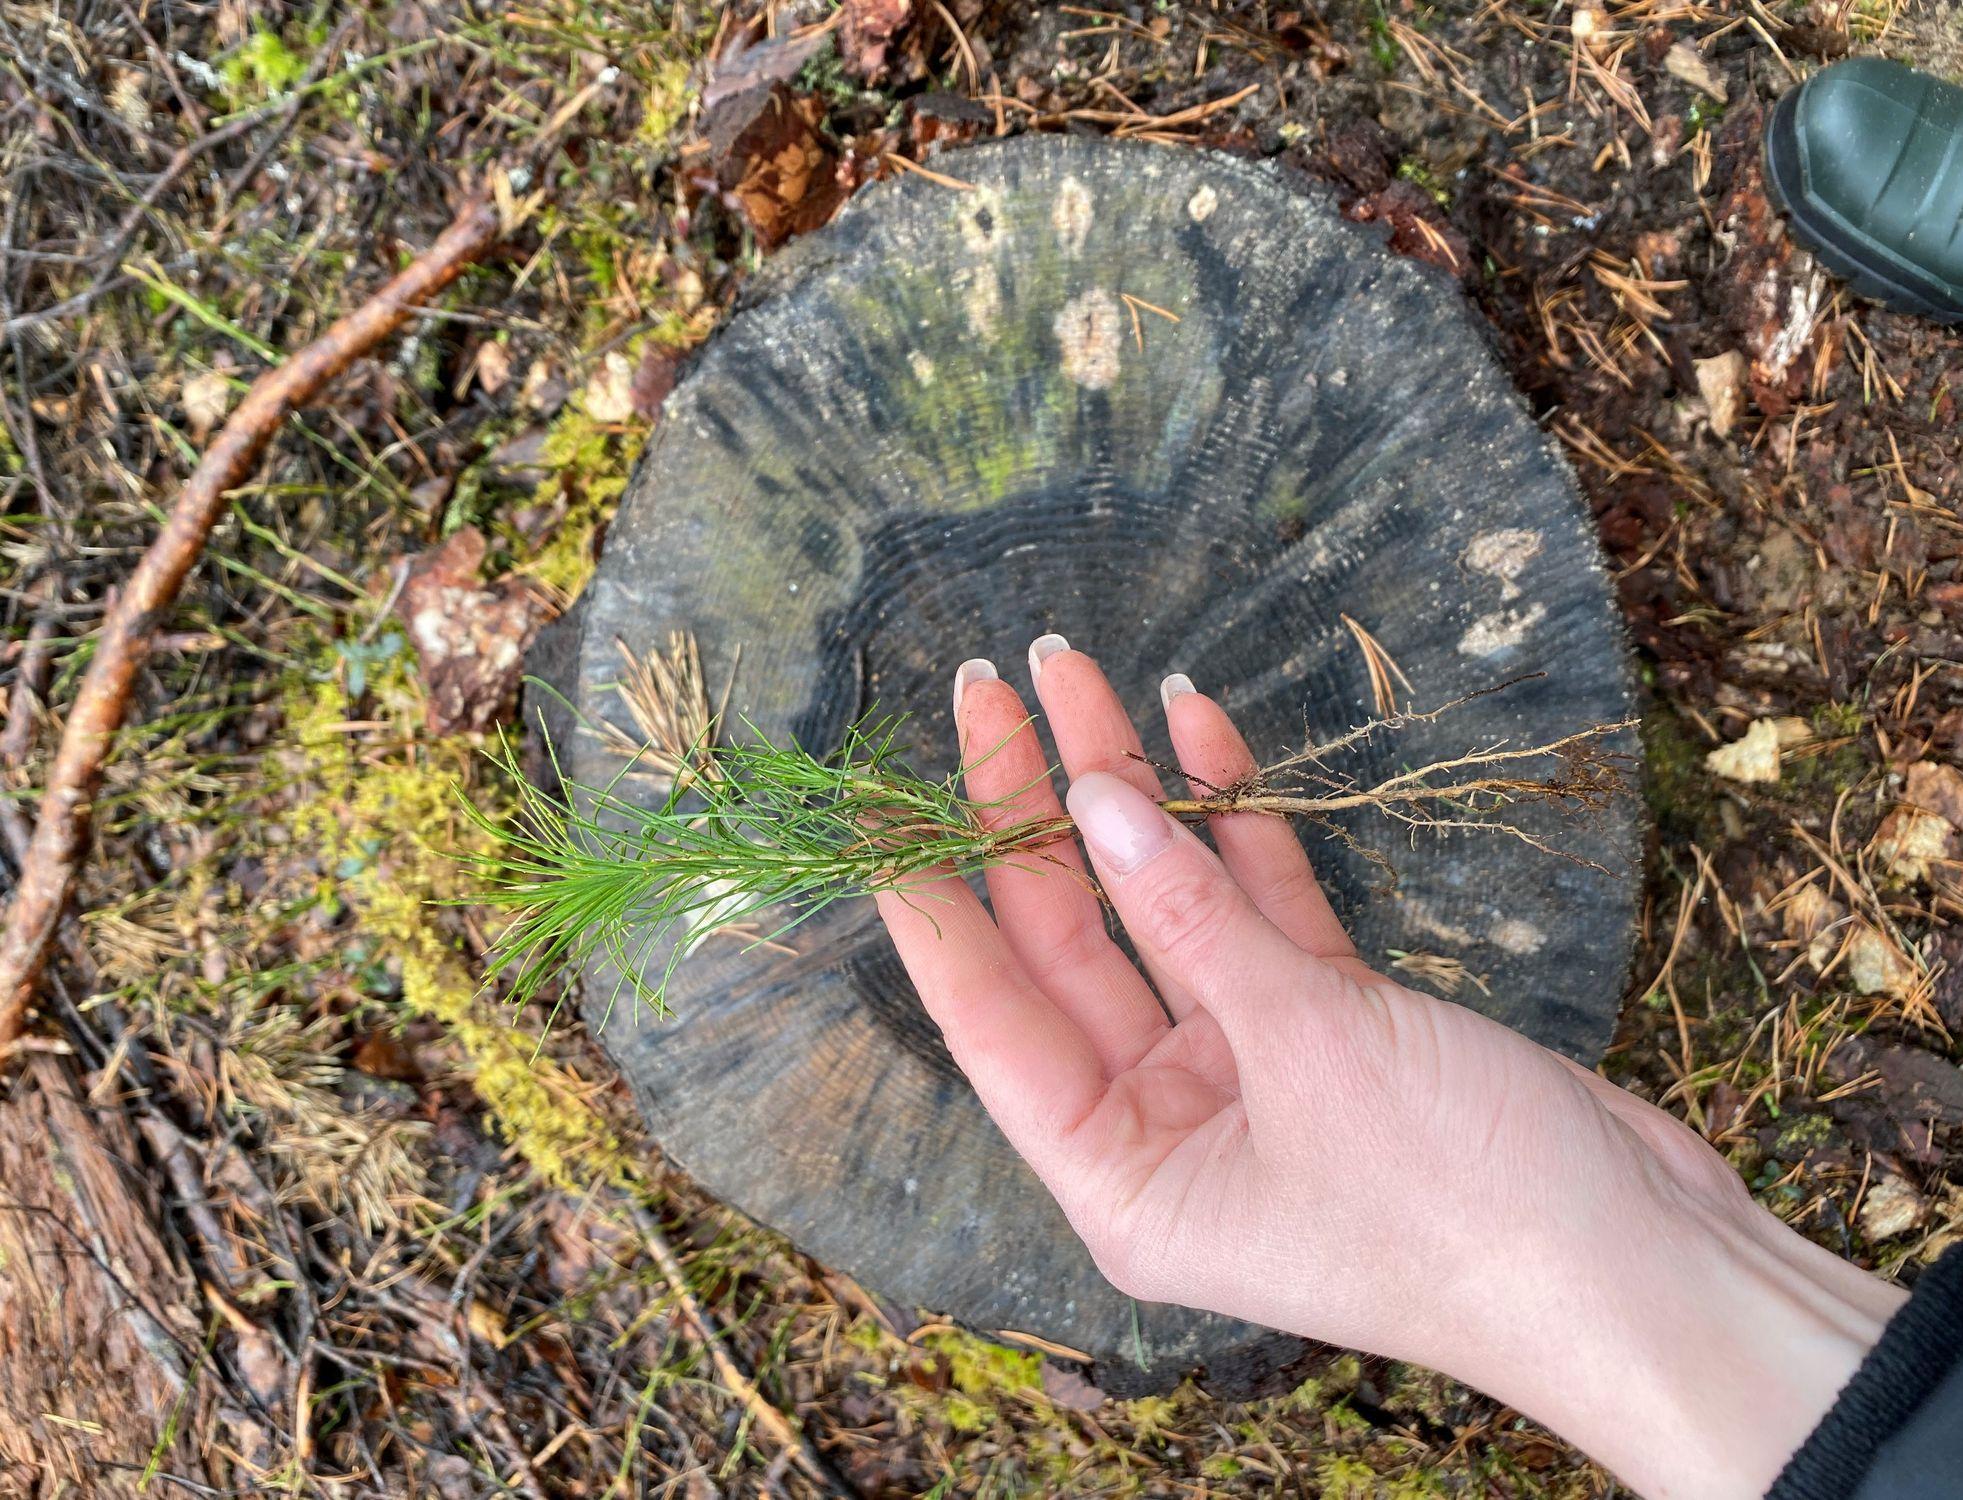 Как вырубать деревья без ущерба для леса: ситуация с лесовосстановлением в России